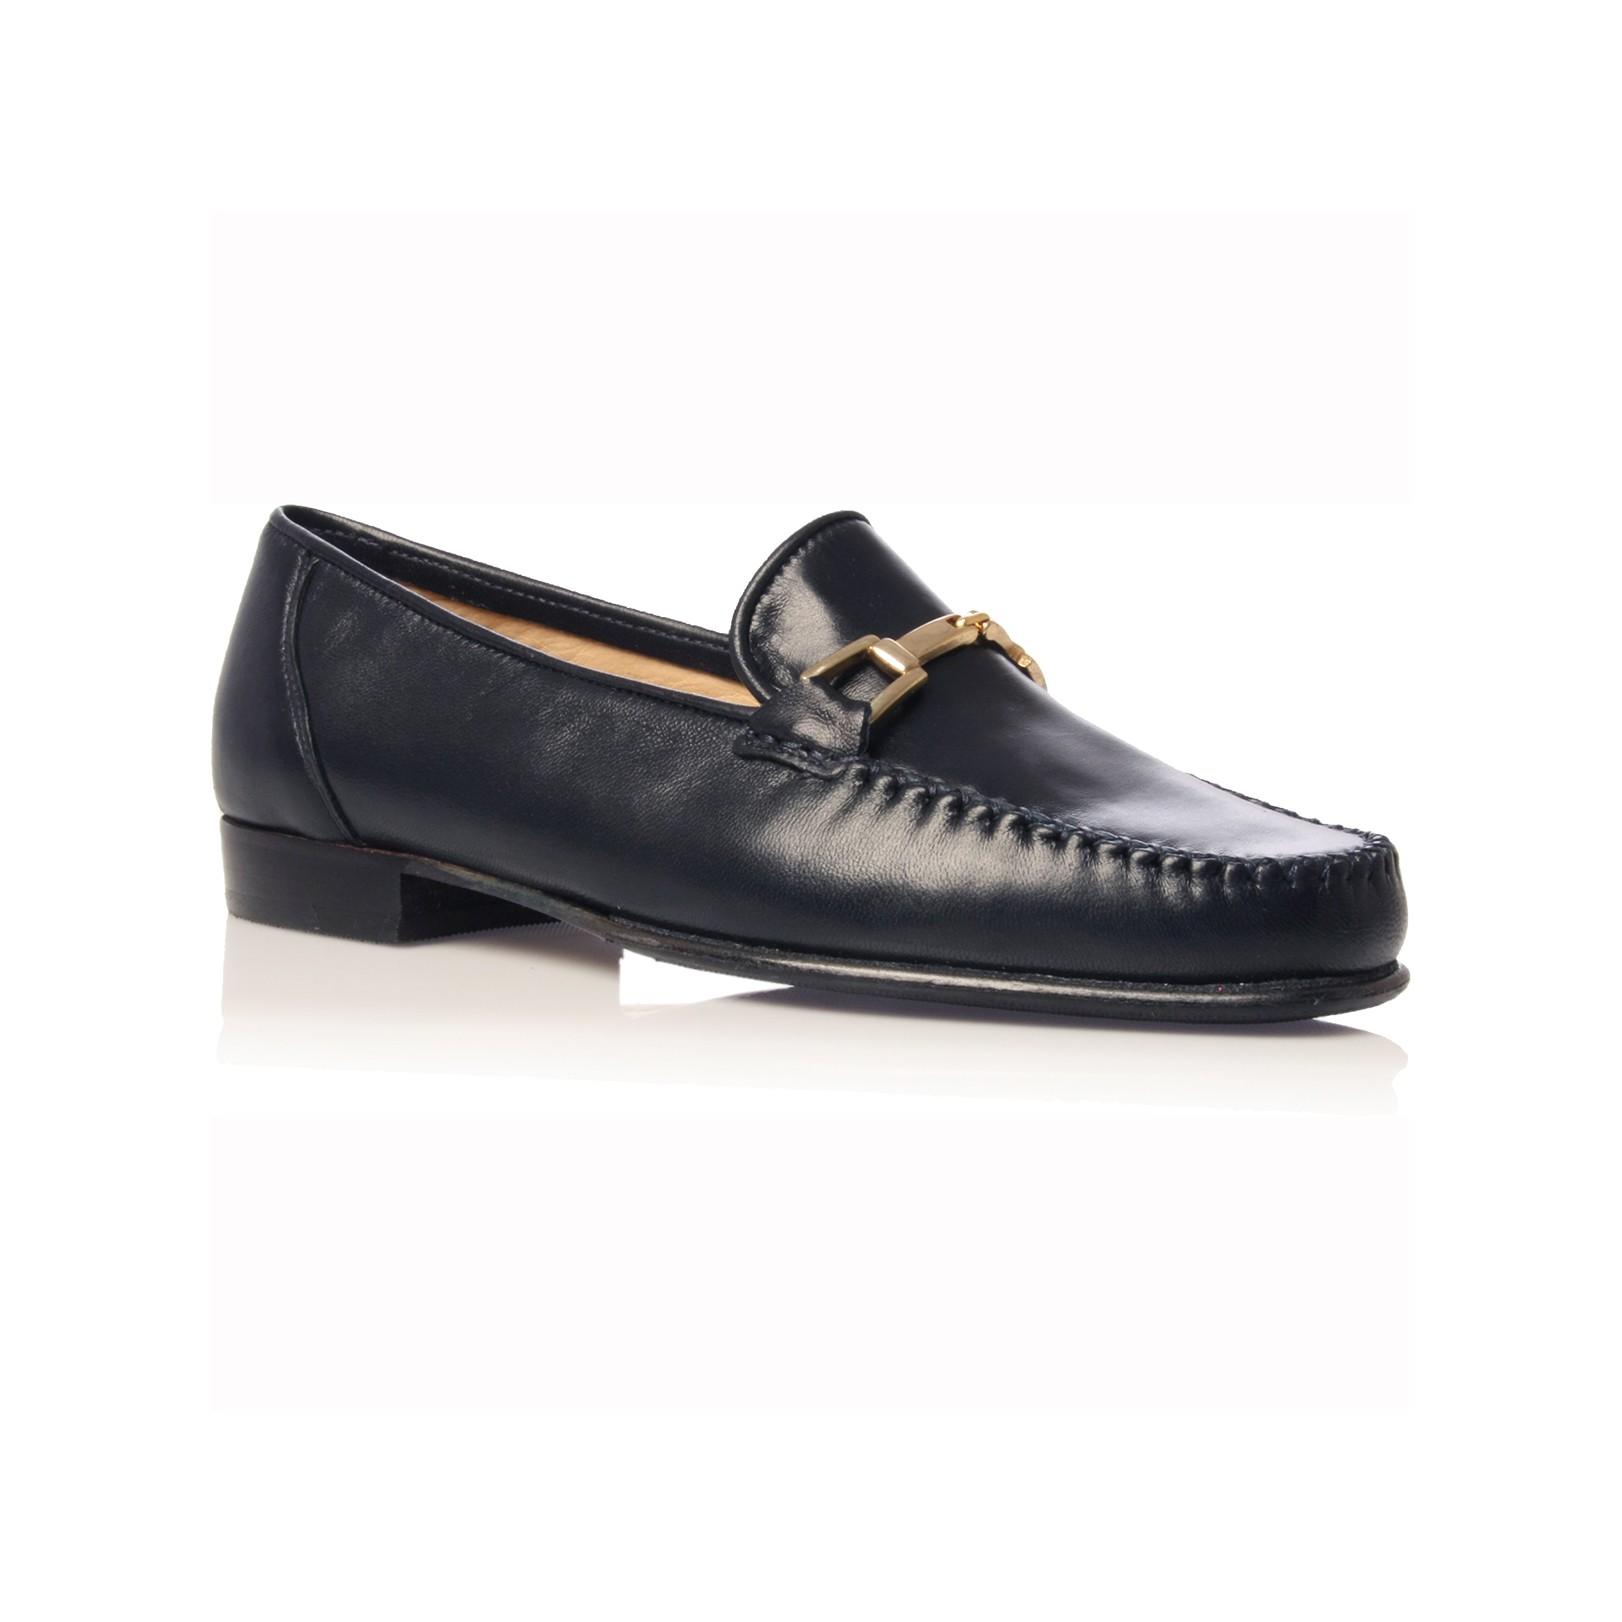 Mens Carvela Shoes Pics